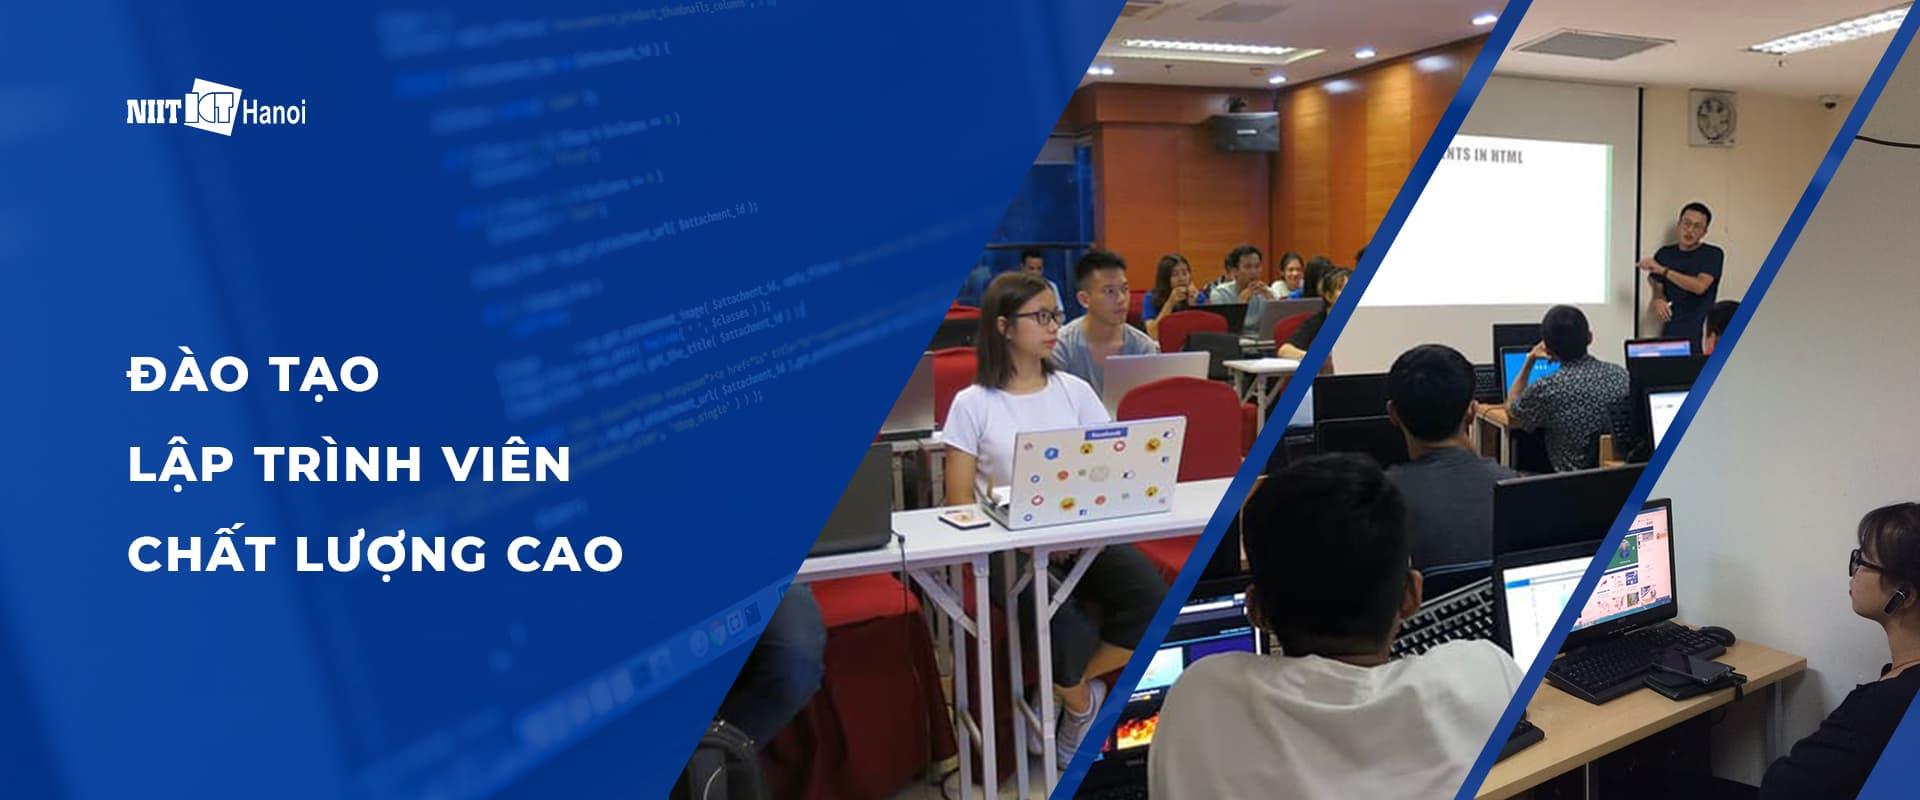 Banner Trung tâm đào tạo lập trình viên NIIT-ICT